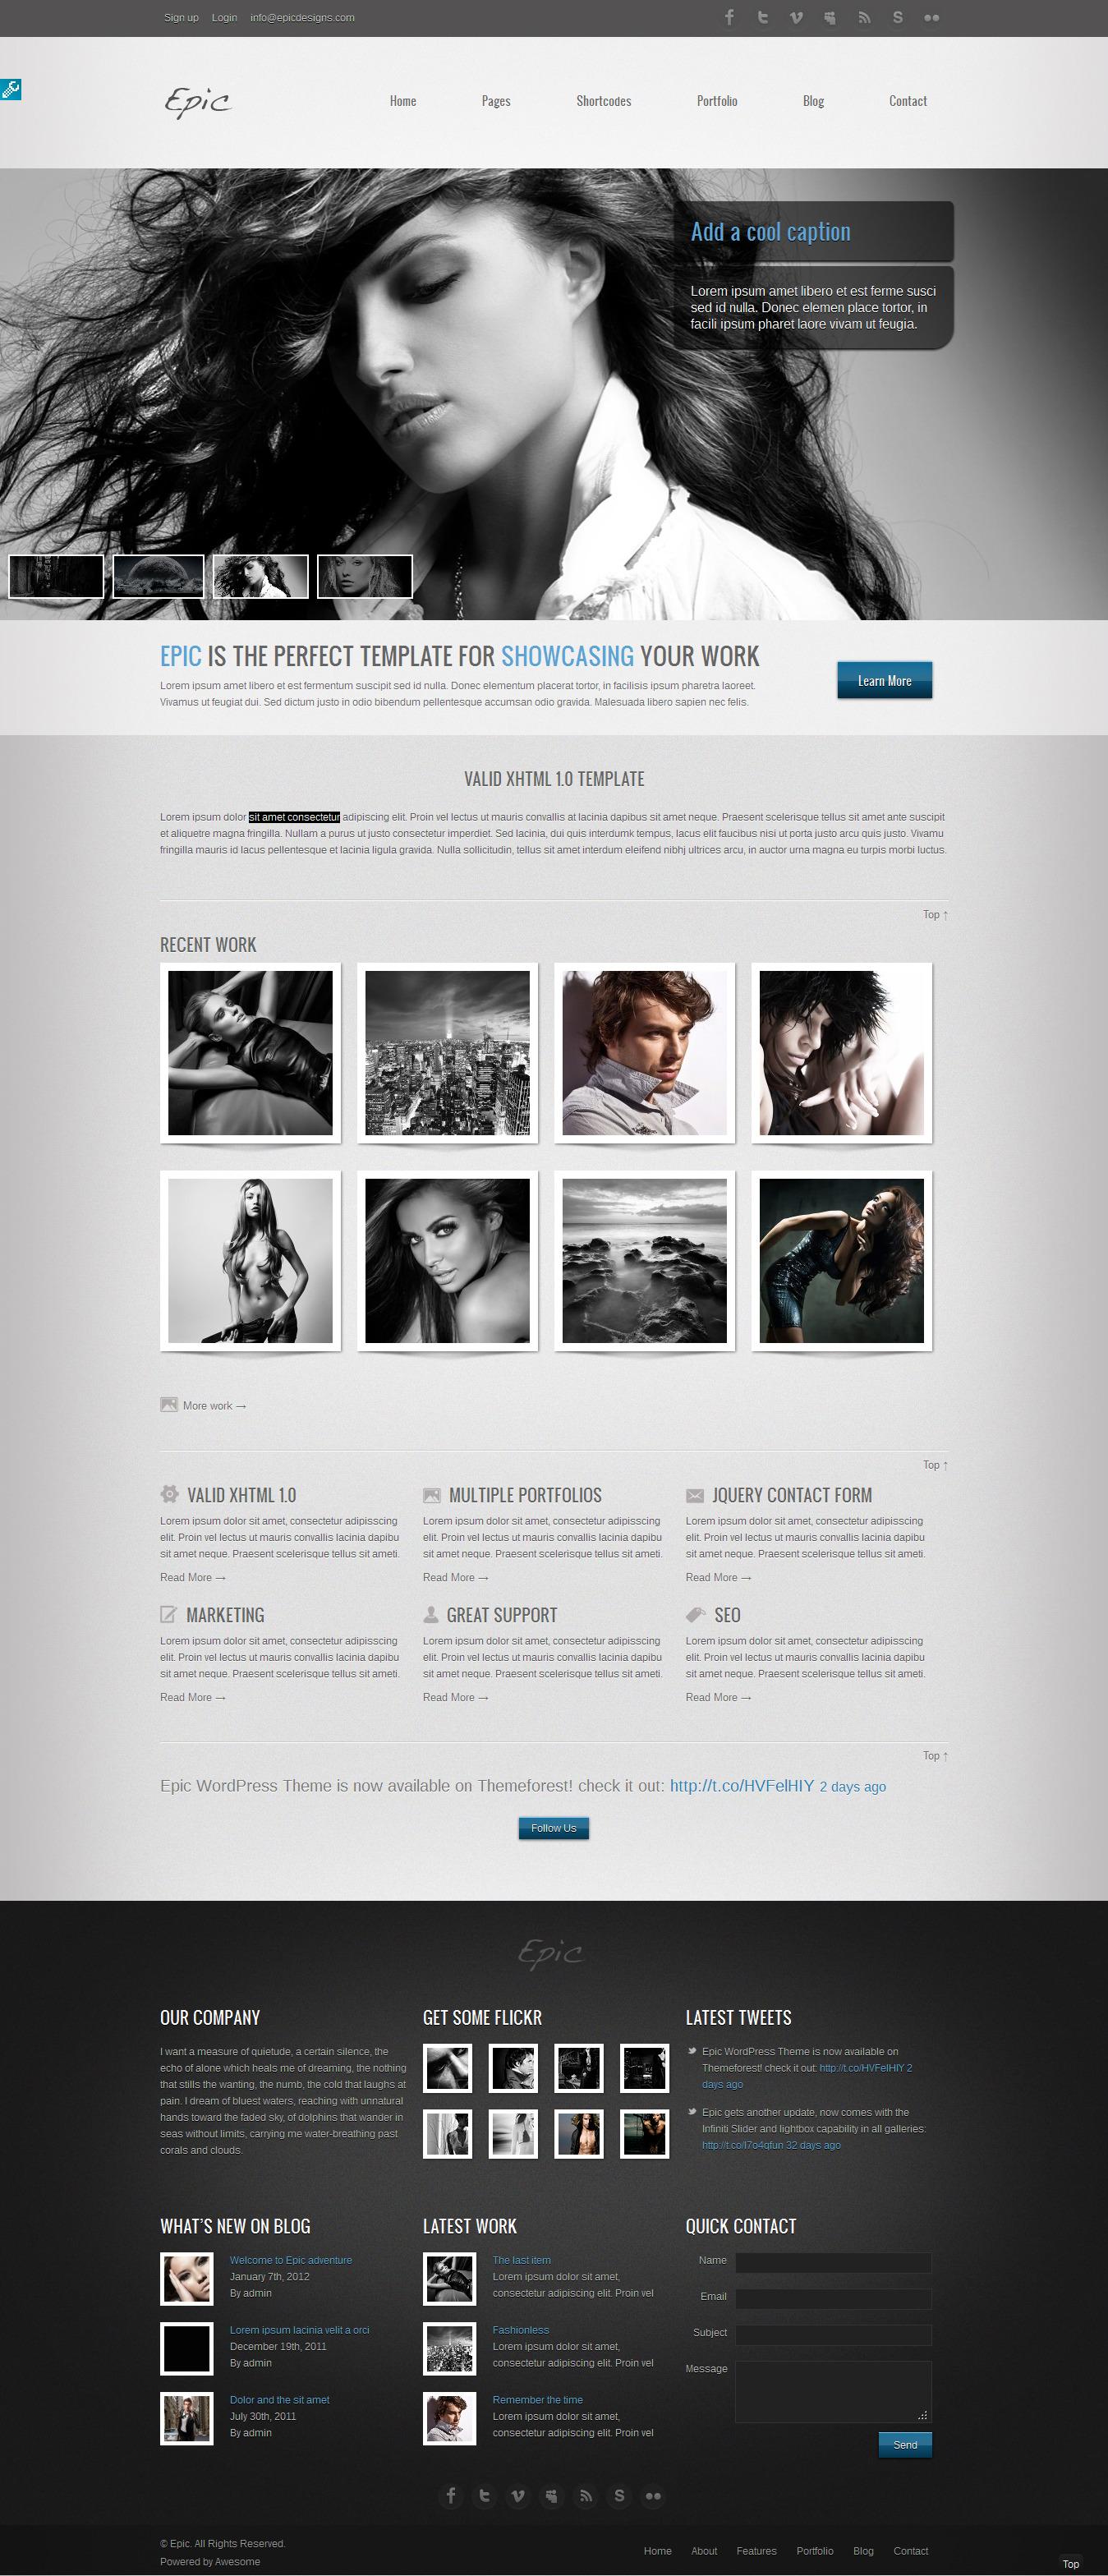 http://3.s3.envato.com/files/15248026/Screenshots/01_home_galleria_light.jpg